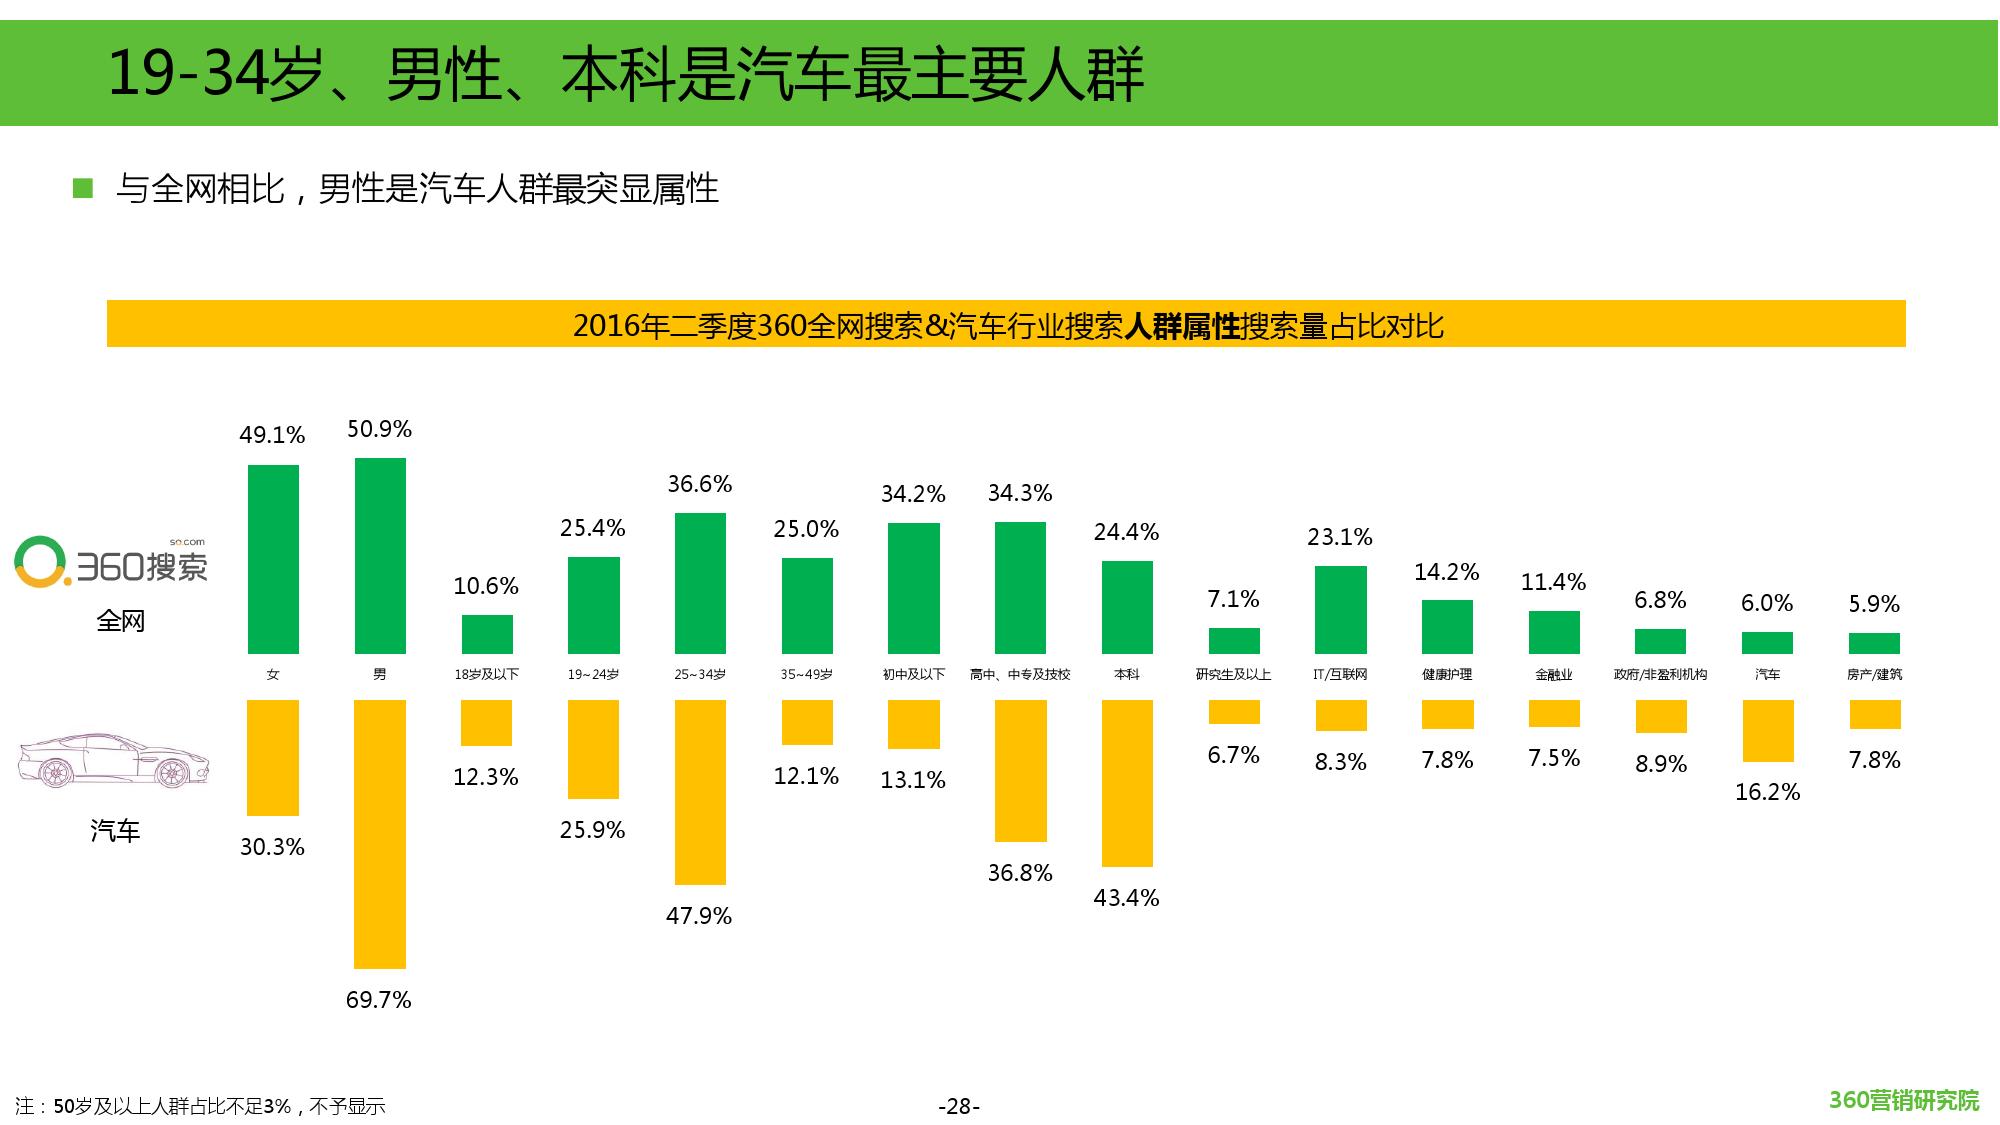 2016年第二季度汽车行业研究报告_000028